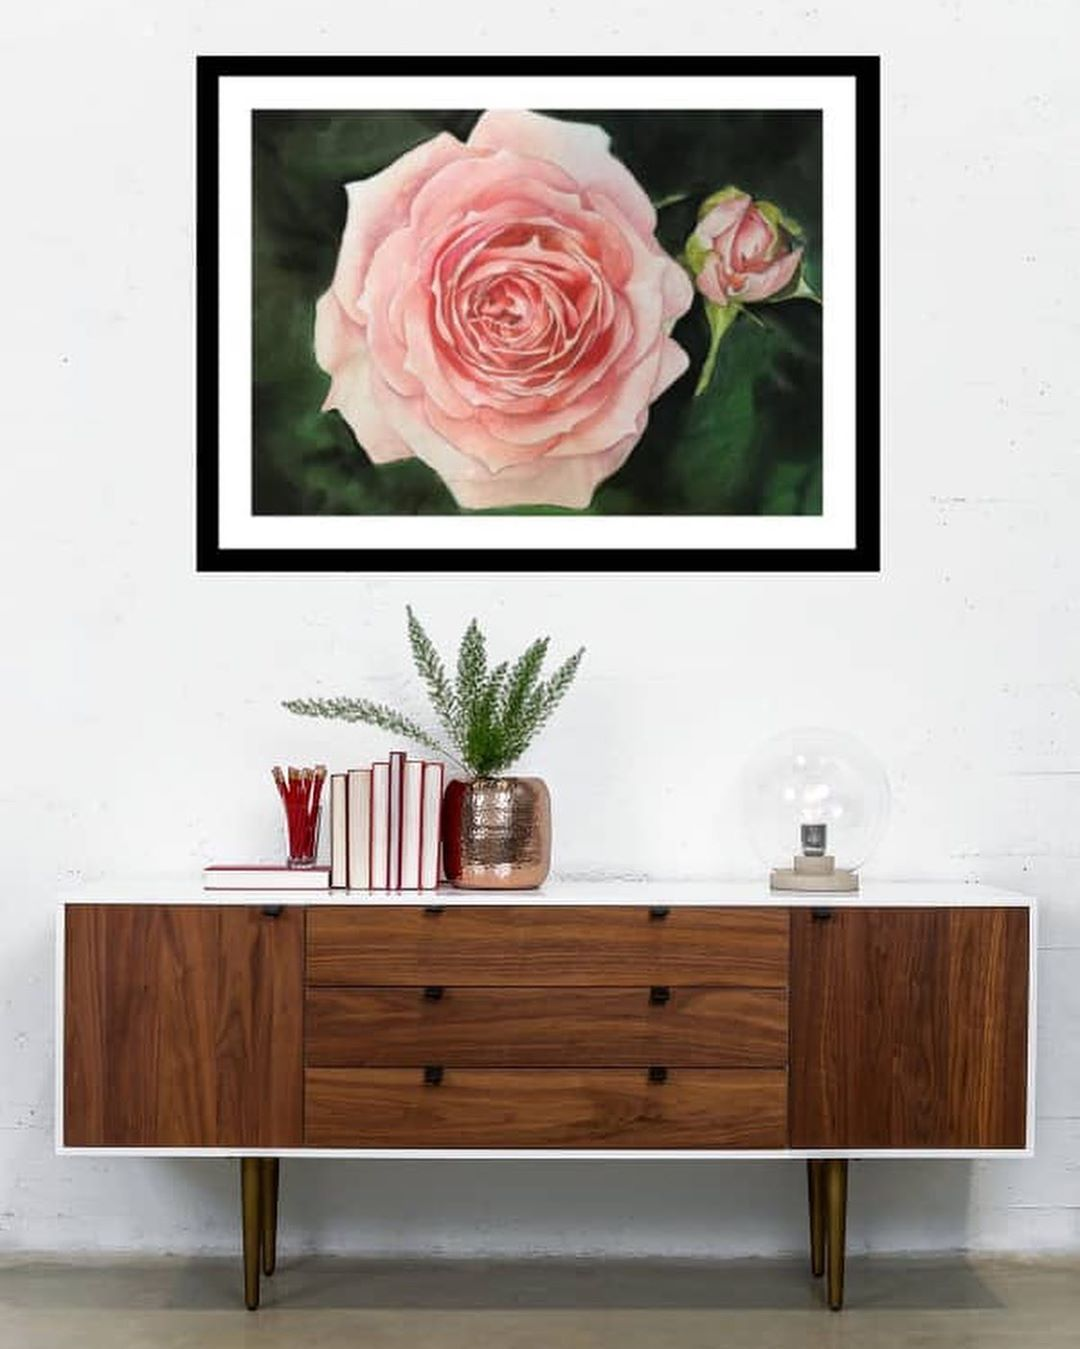 نقاشی طراحی گل رز